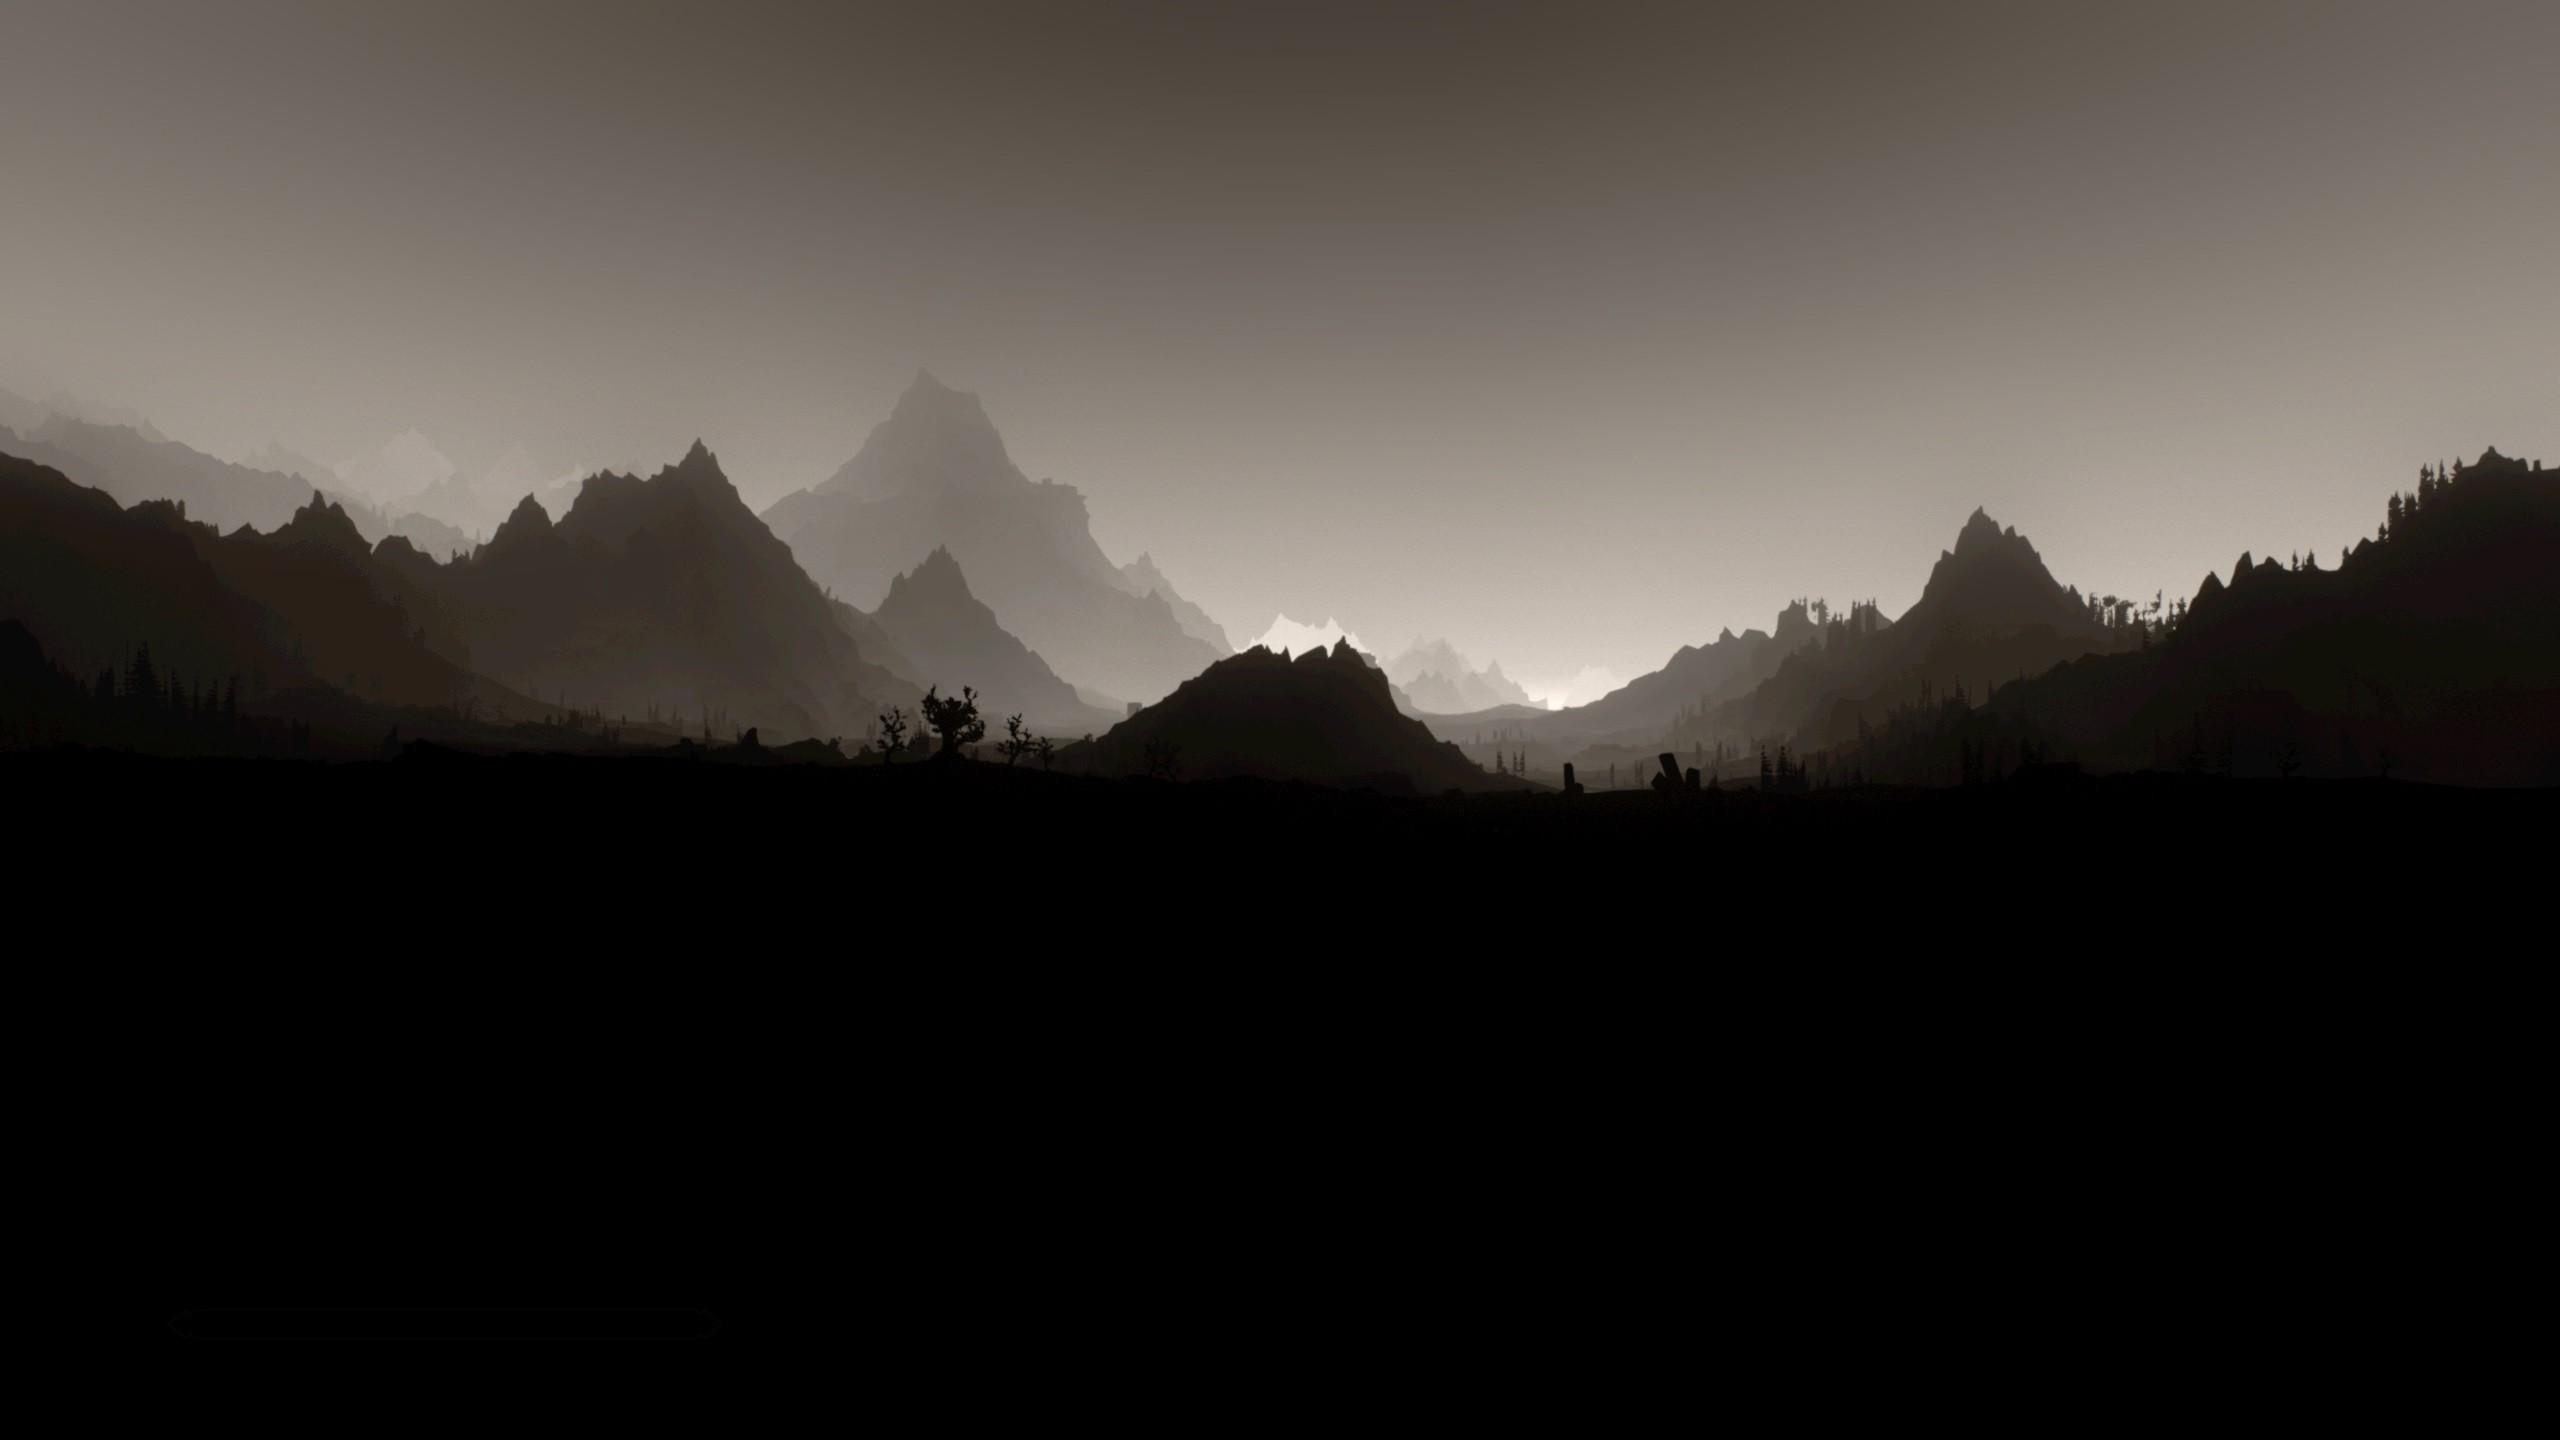 Minimalism Mountain Peak Full Hd Wallpaper: Minimalist HD Wallpaper (83+ Images